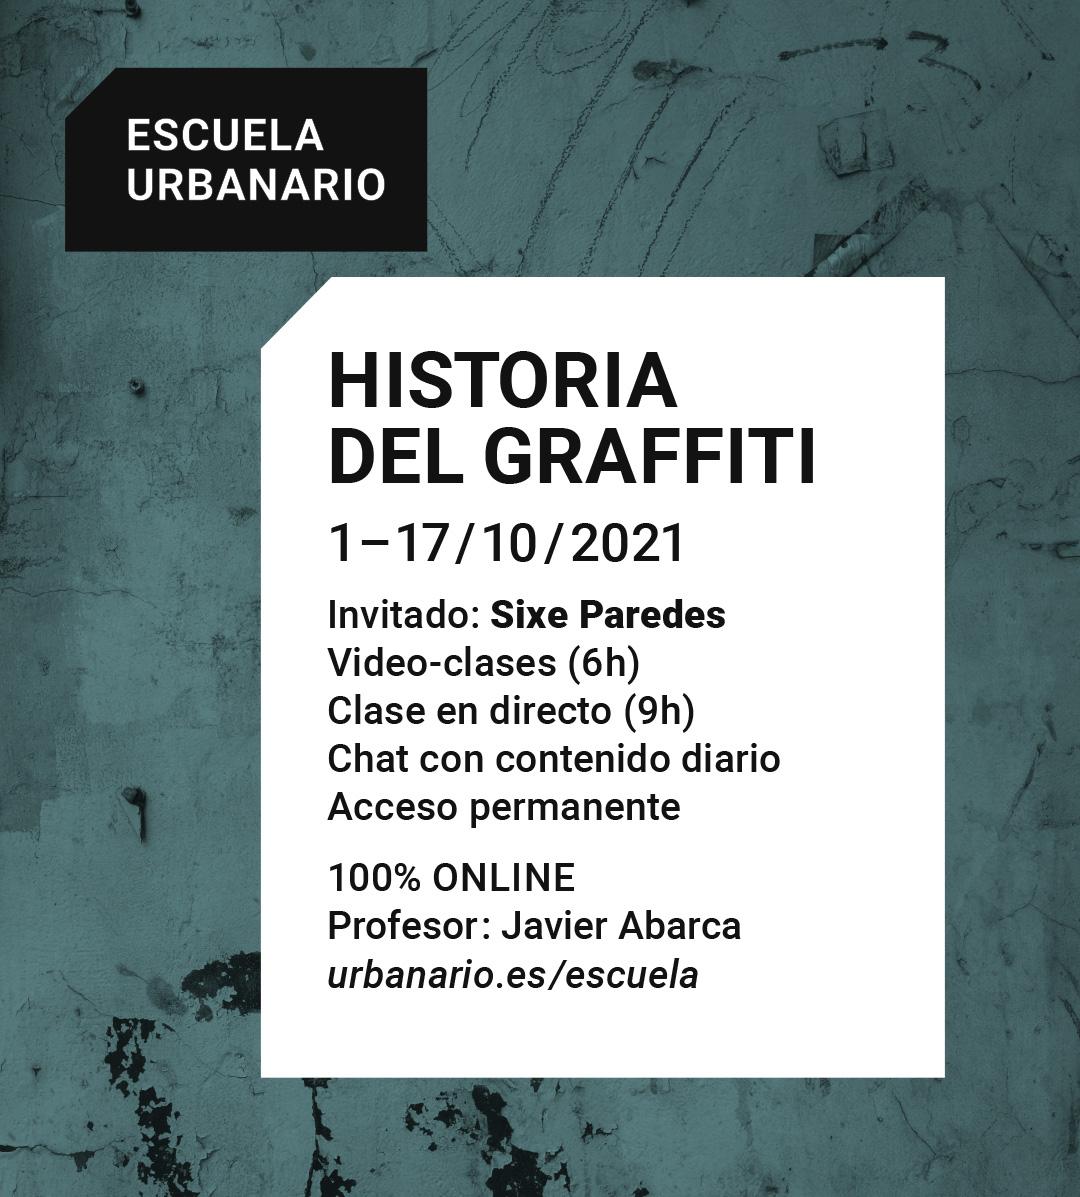 Historia del graffiti - Escuela Urbanario